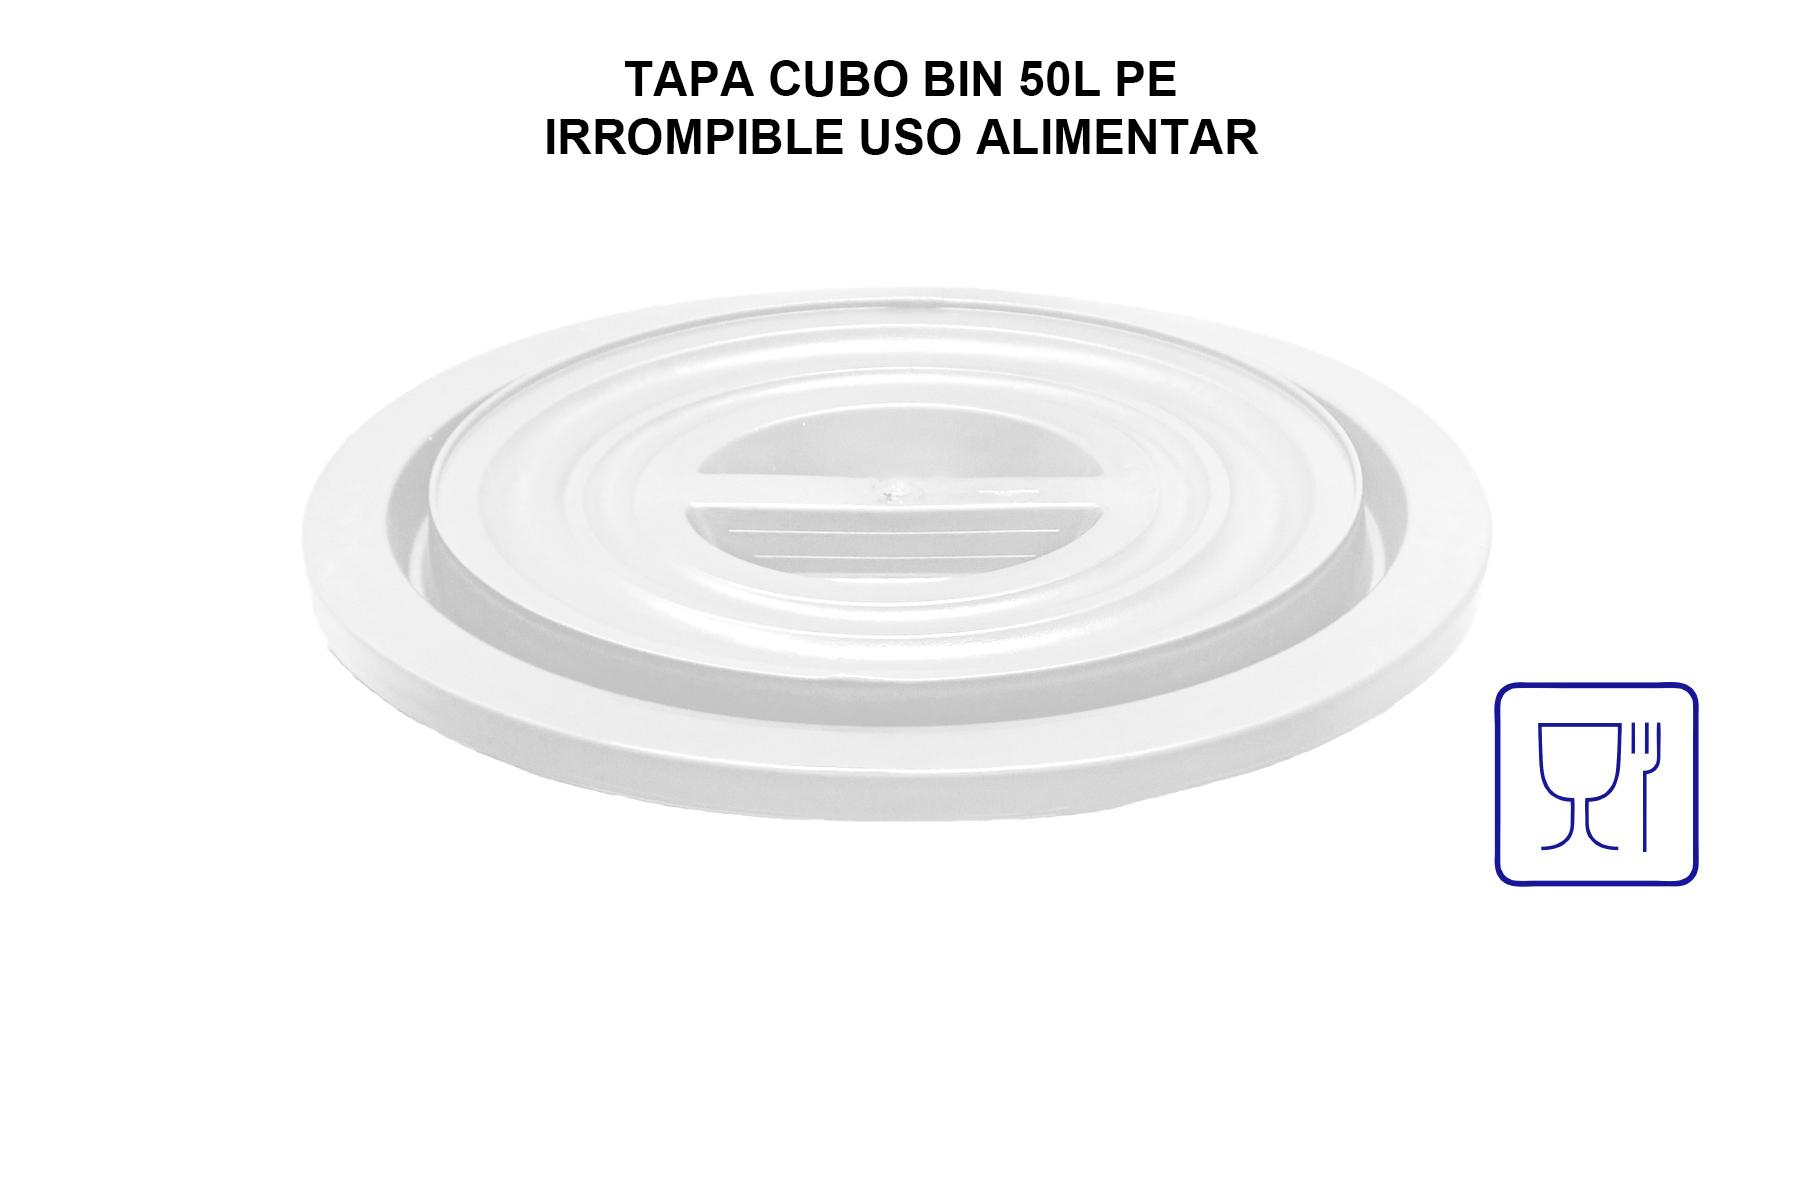 TAPA CUBO BIN 50L PE IRROMPIBLE USO ALIMENTAR